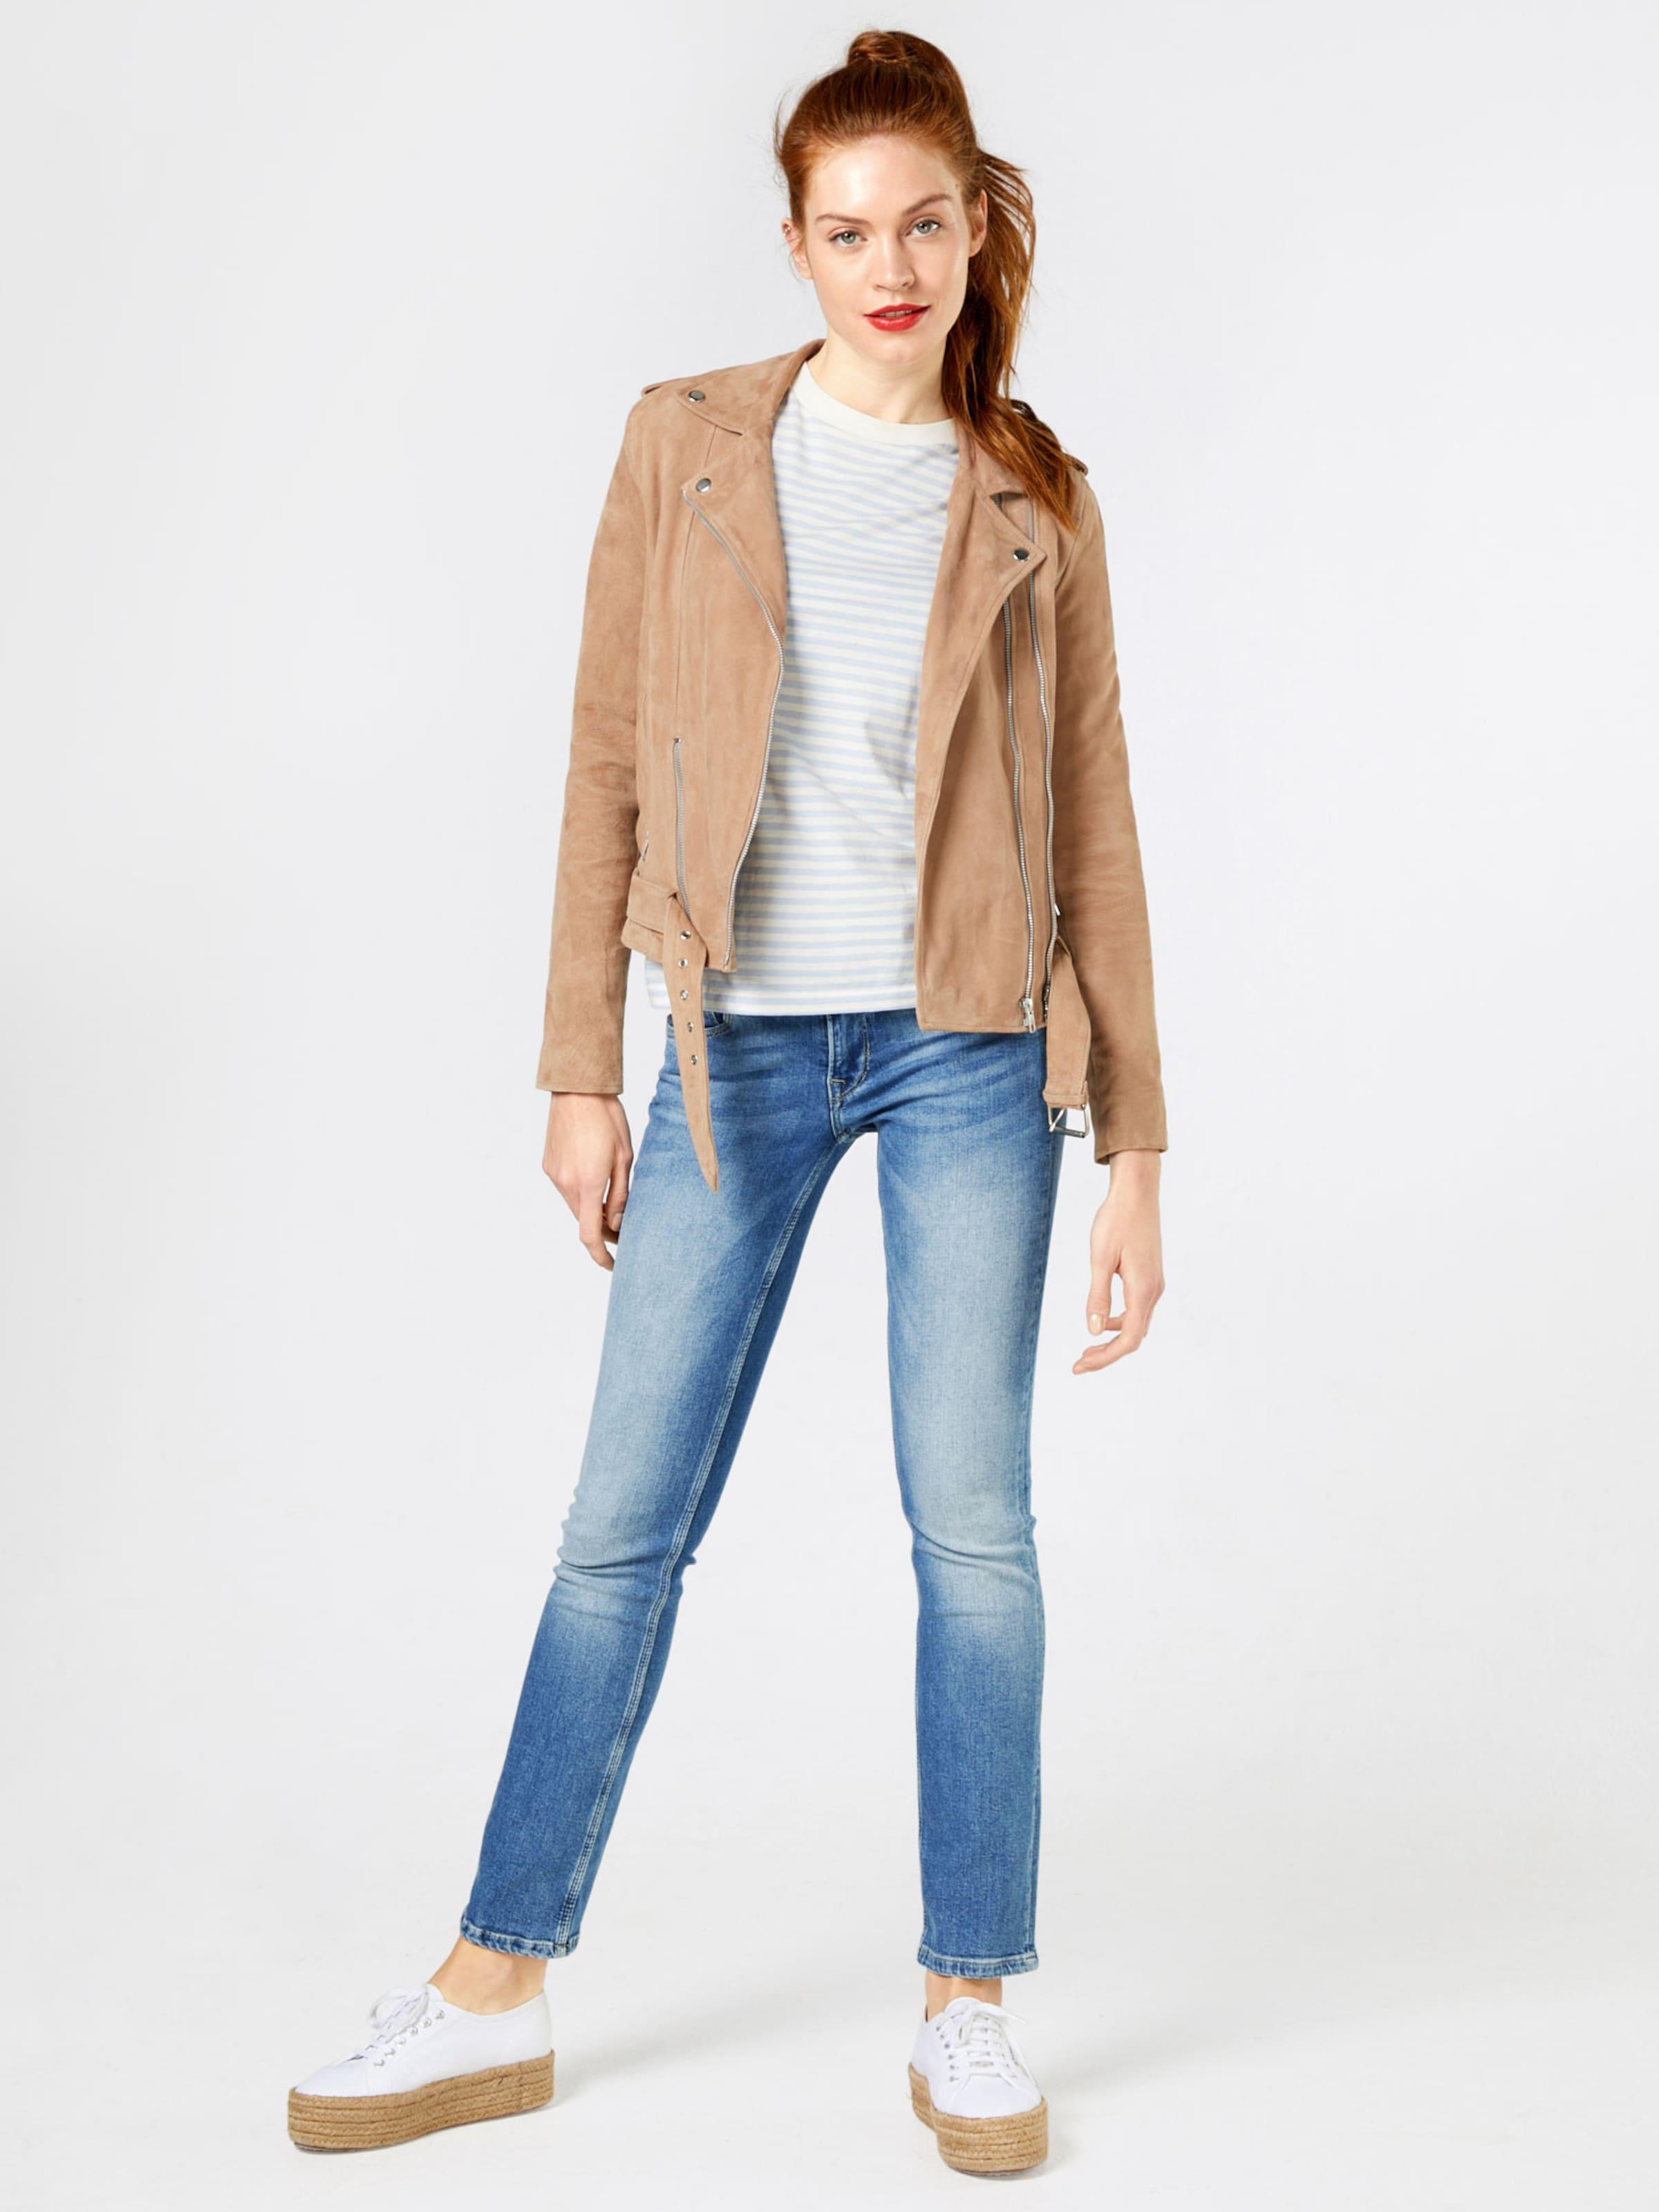 Günstig Kaufen Am Besten Billig Besten Pepe Jeans 'Saturn' Straight Fit Jeans Pt5sJ